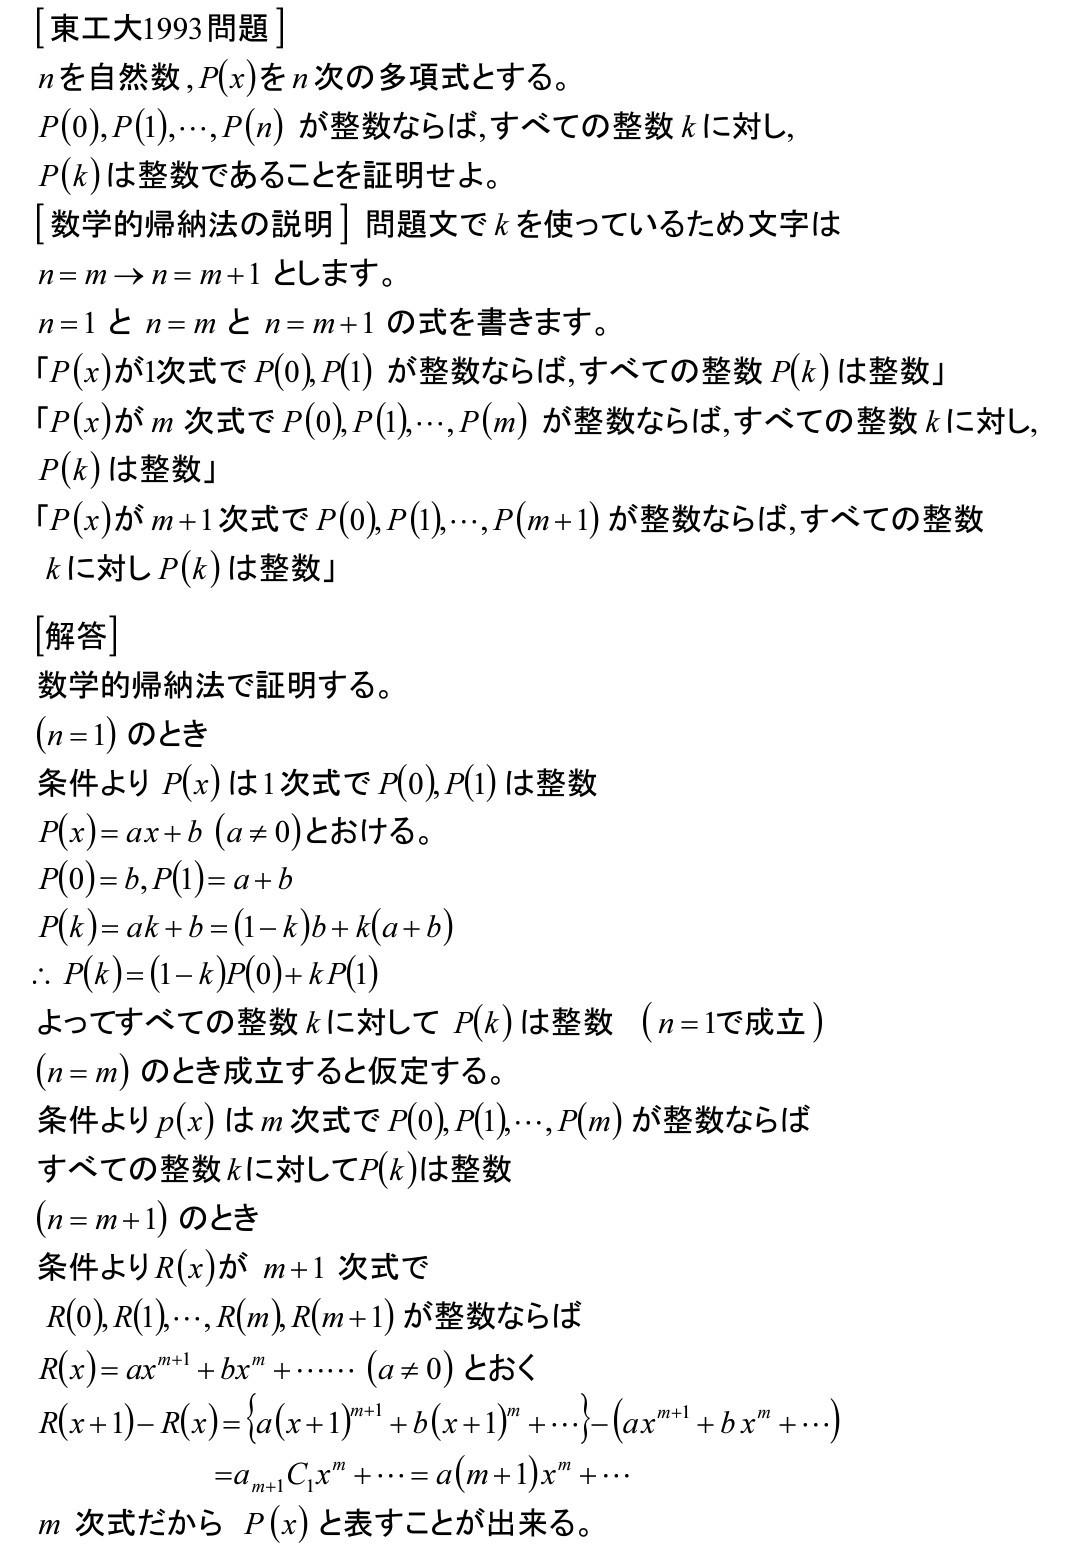 大学入試問題(24)  1993東工大 整式_b0368745_11425666.jpg